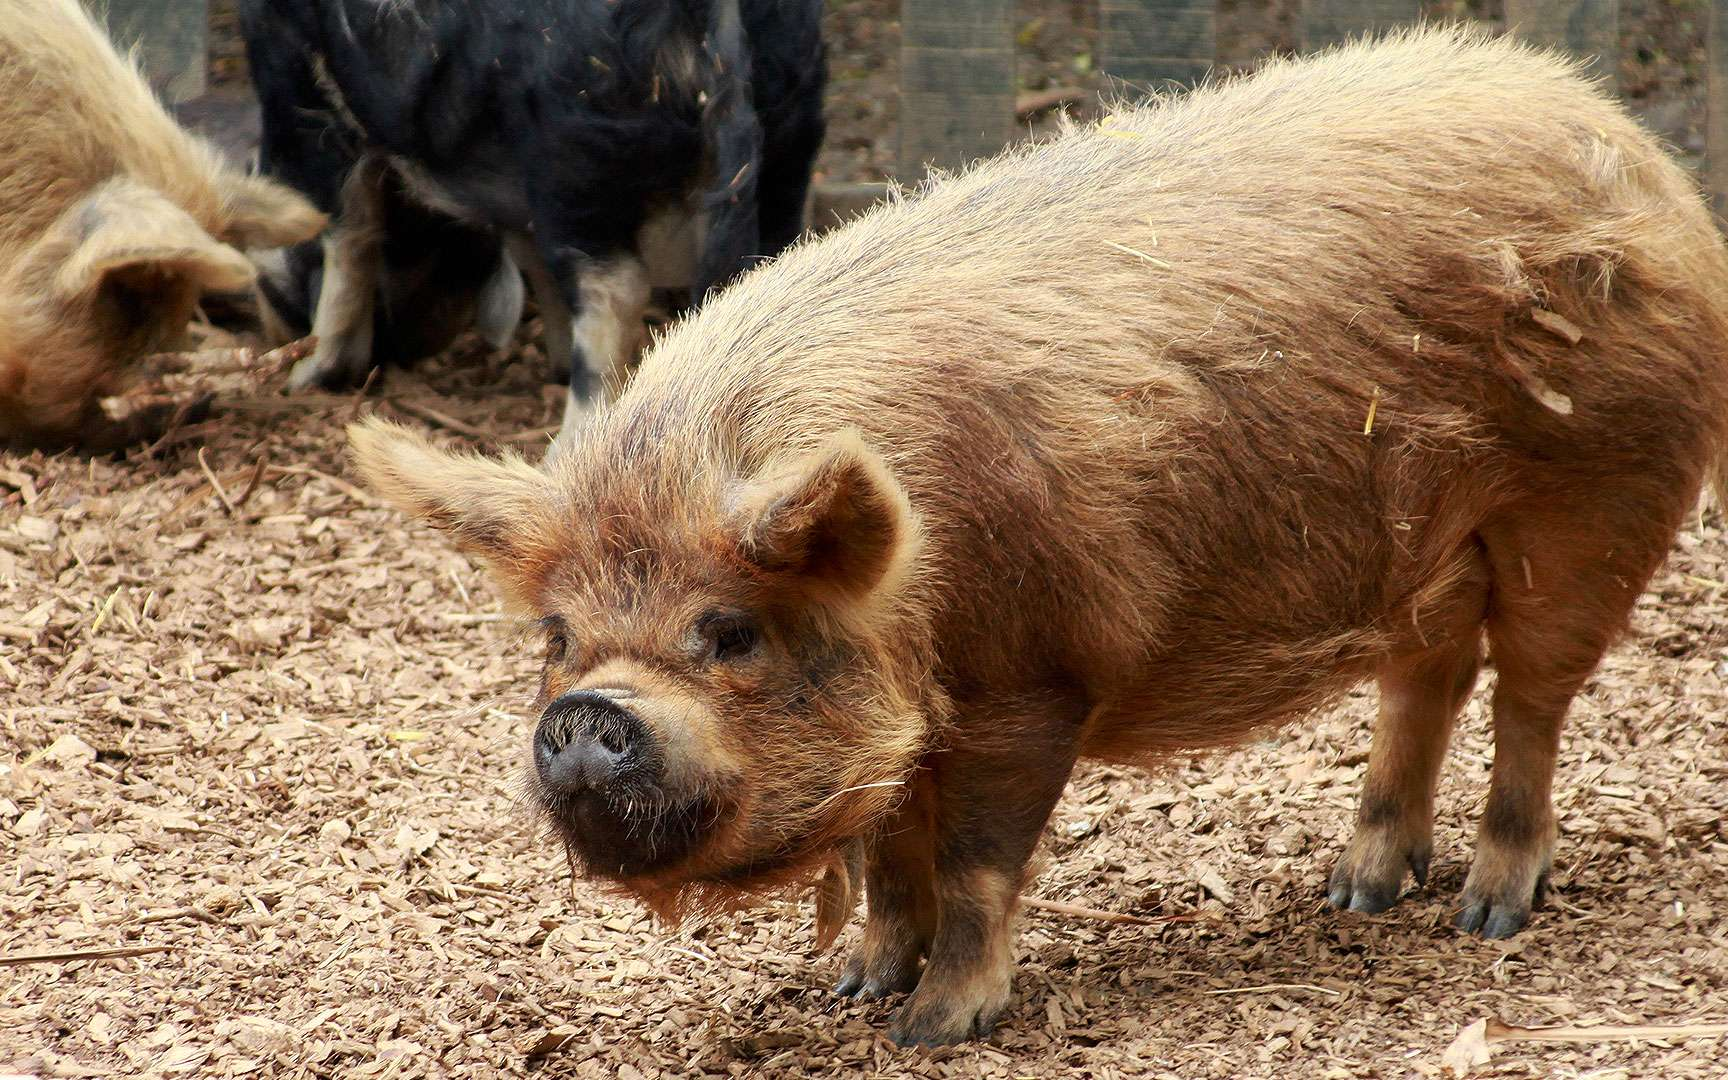 Le porc noir de Kunekune. Docile et amical, il fait partie des nouveaux animaux de compagnie (NAC). © Brian Gratwicke CC by 2.0